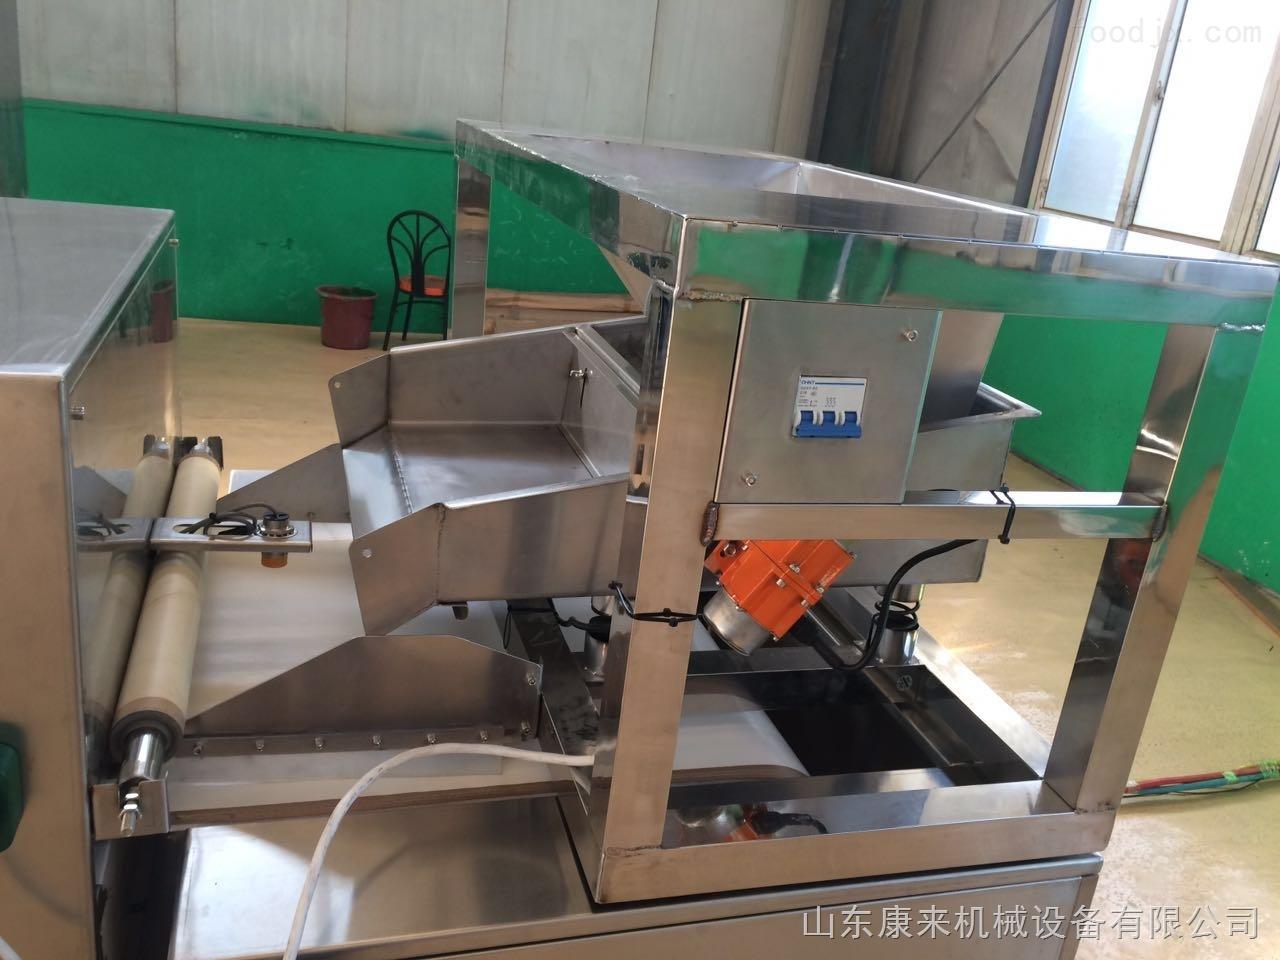 五谷杂粮烘焙设备用微波设备加工,对药膳药食同源